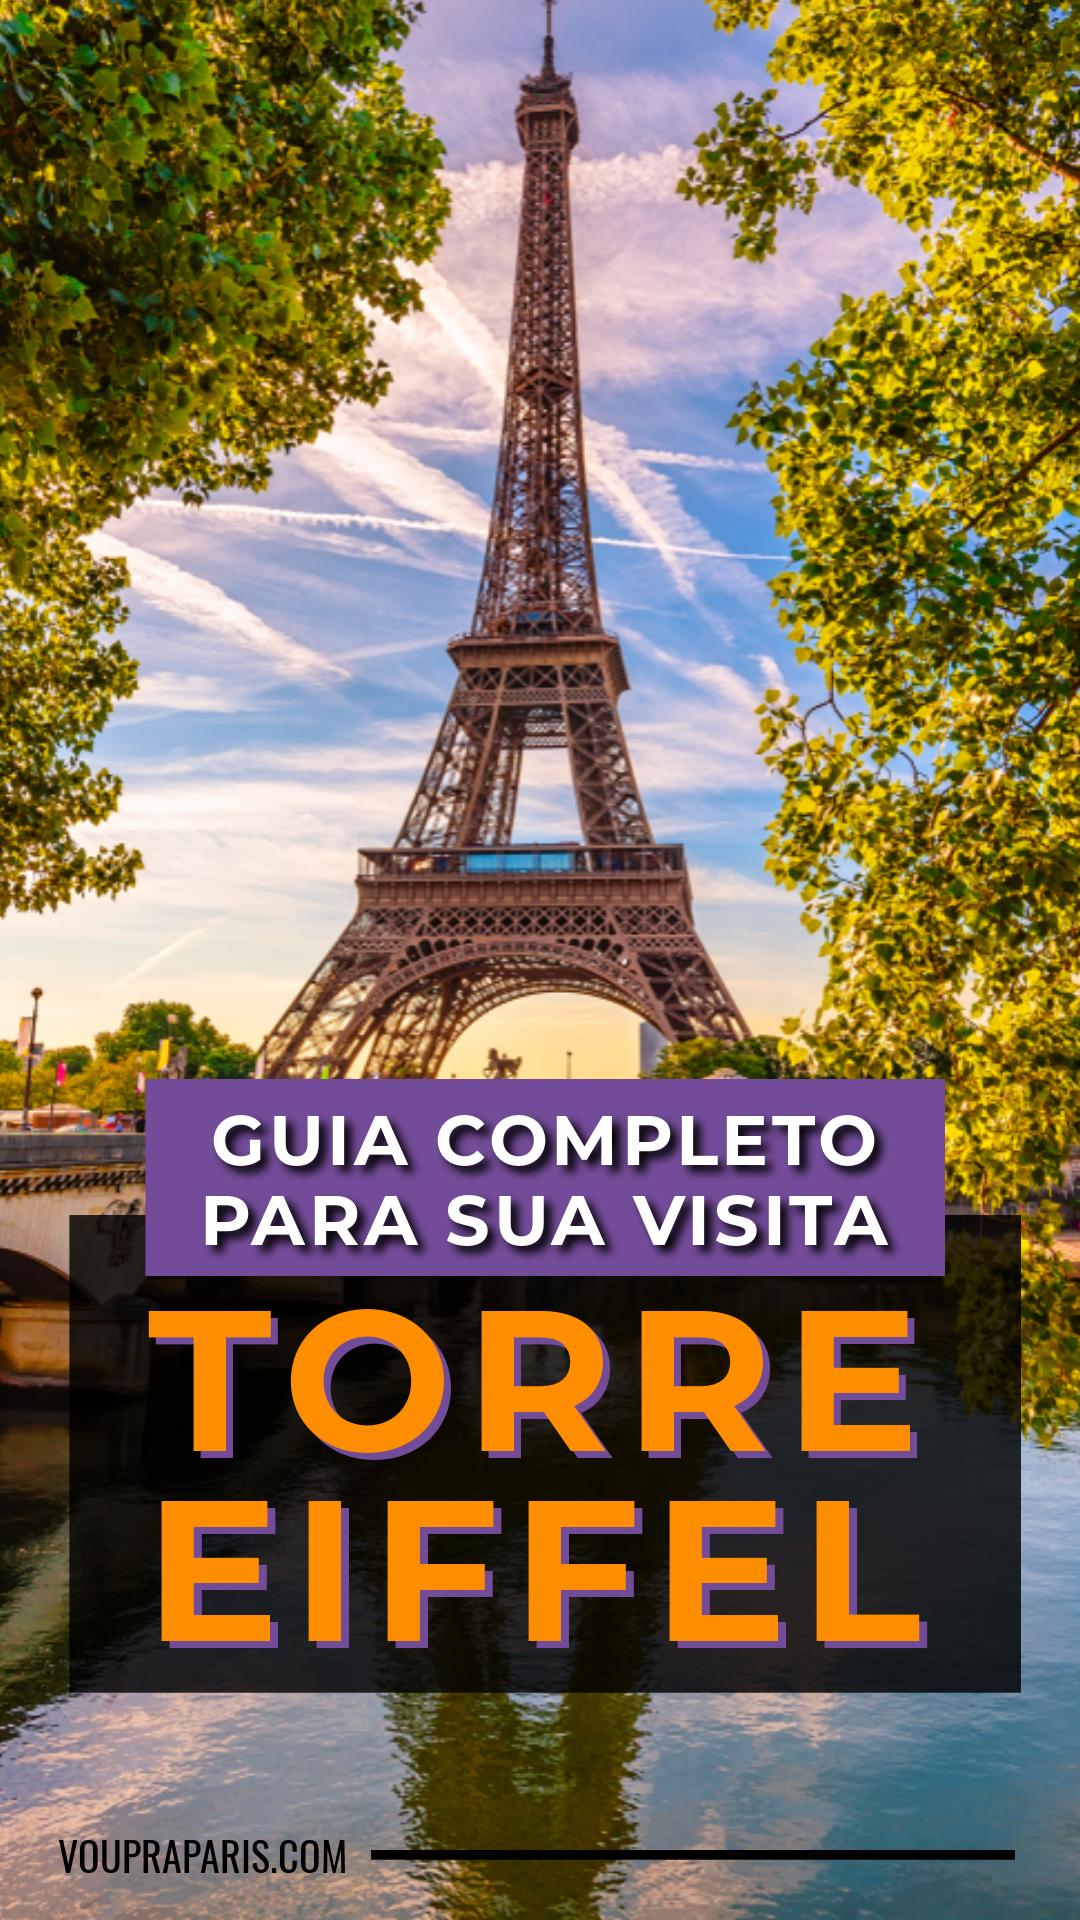 Torre Eiffel | Guia Completo para visita 2020 ⋆ Vou pra